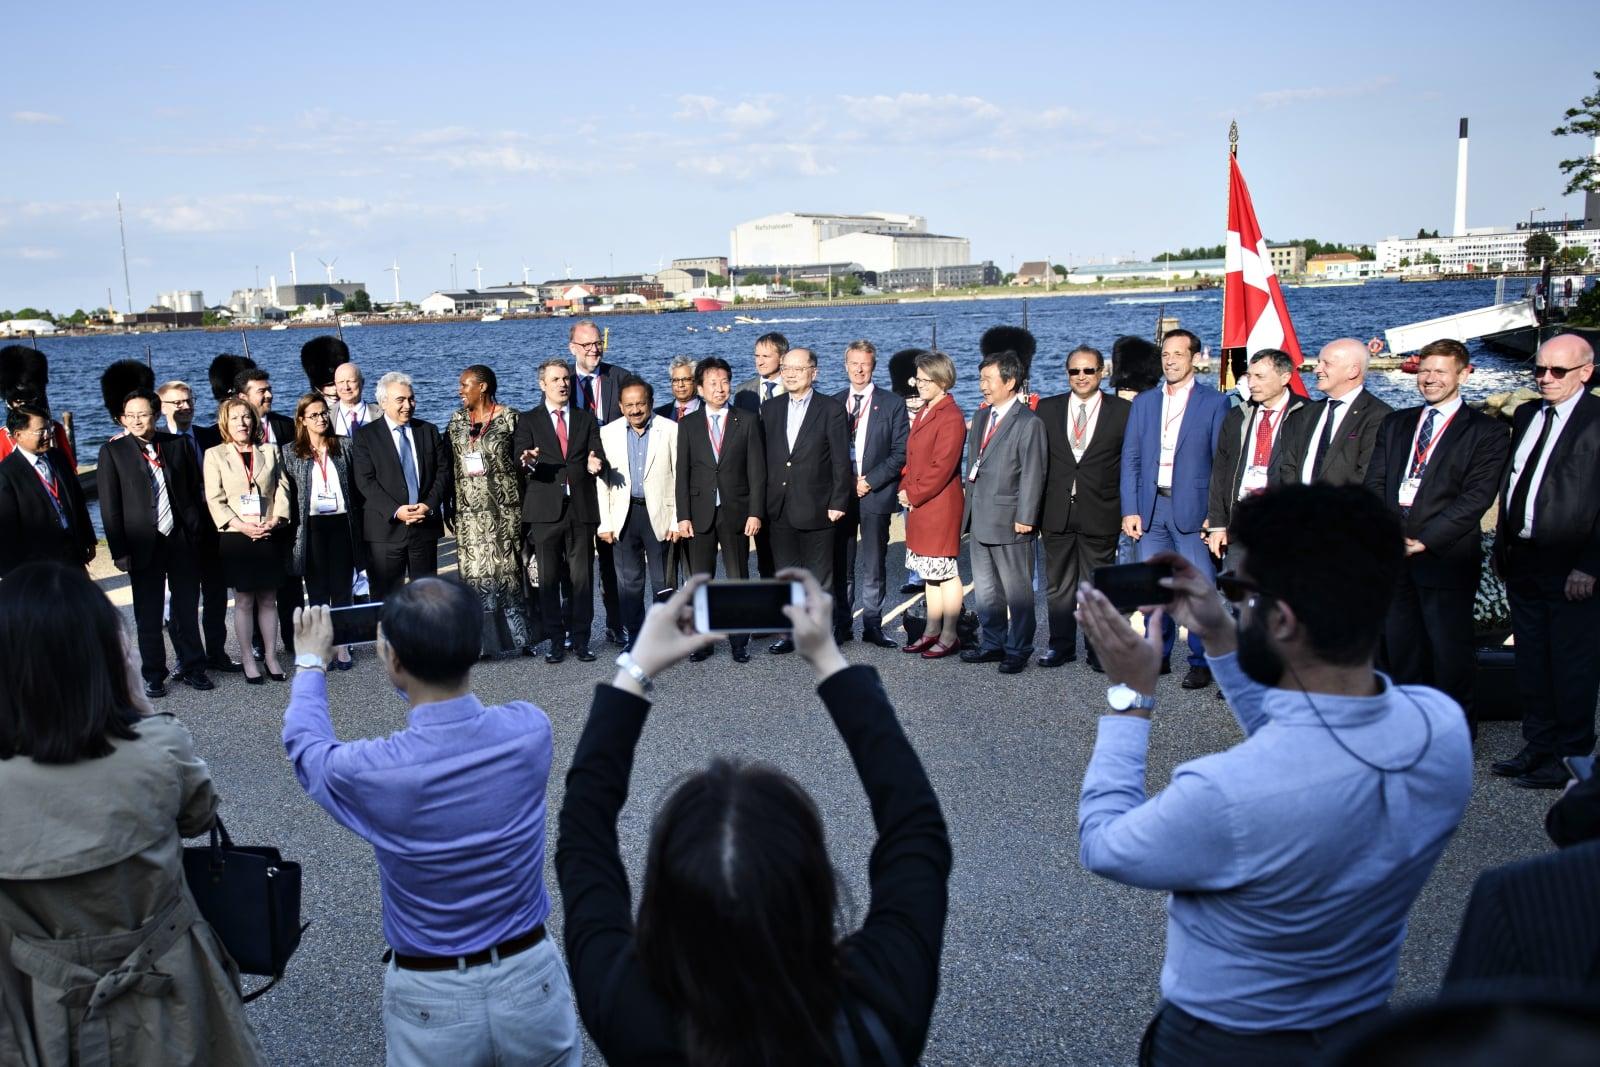 Klimatyczny szczyt G20 w Kopenhadze, Dania